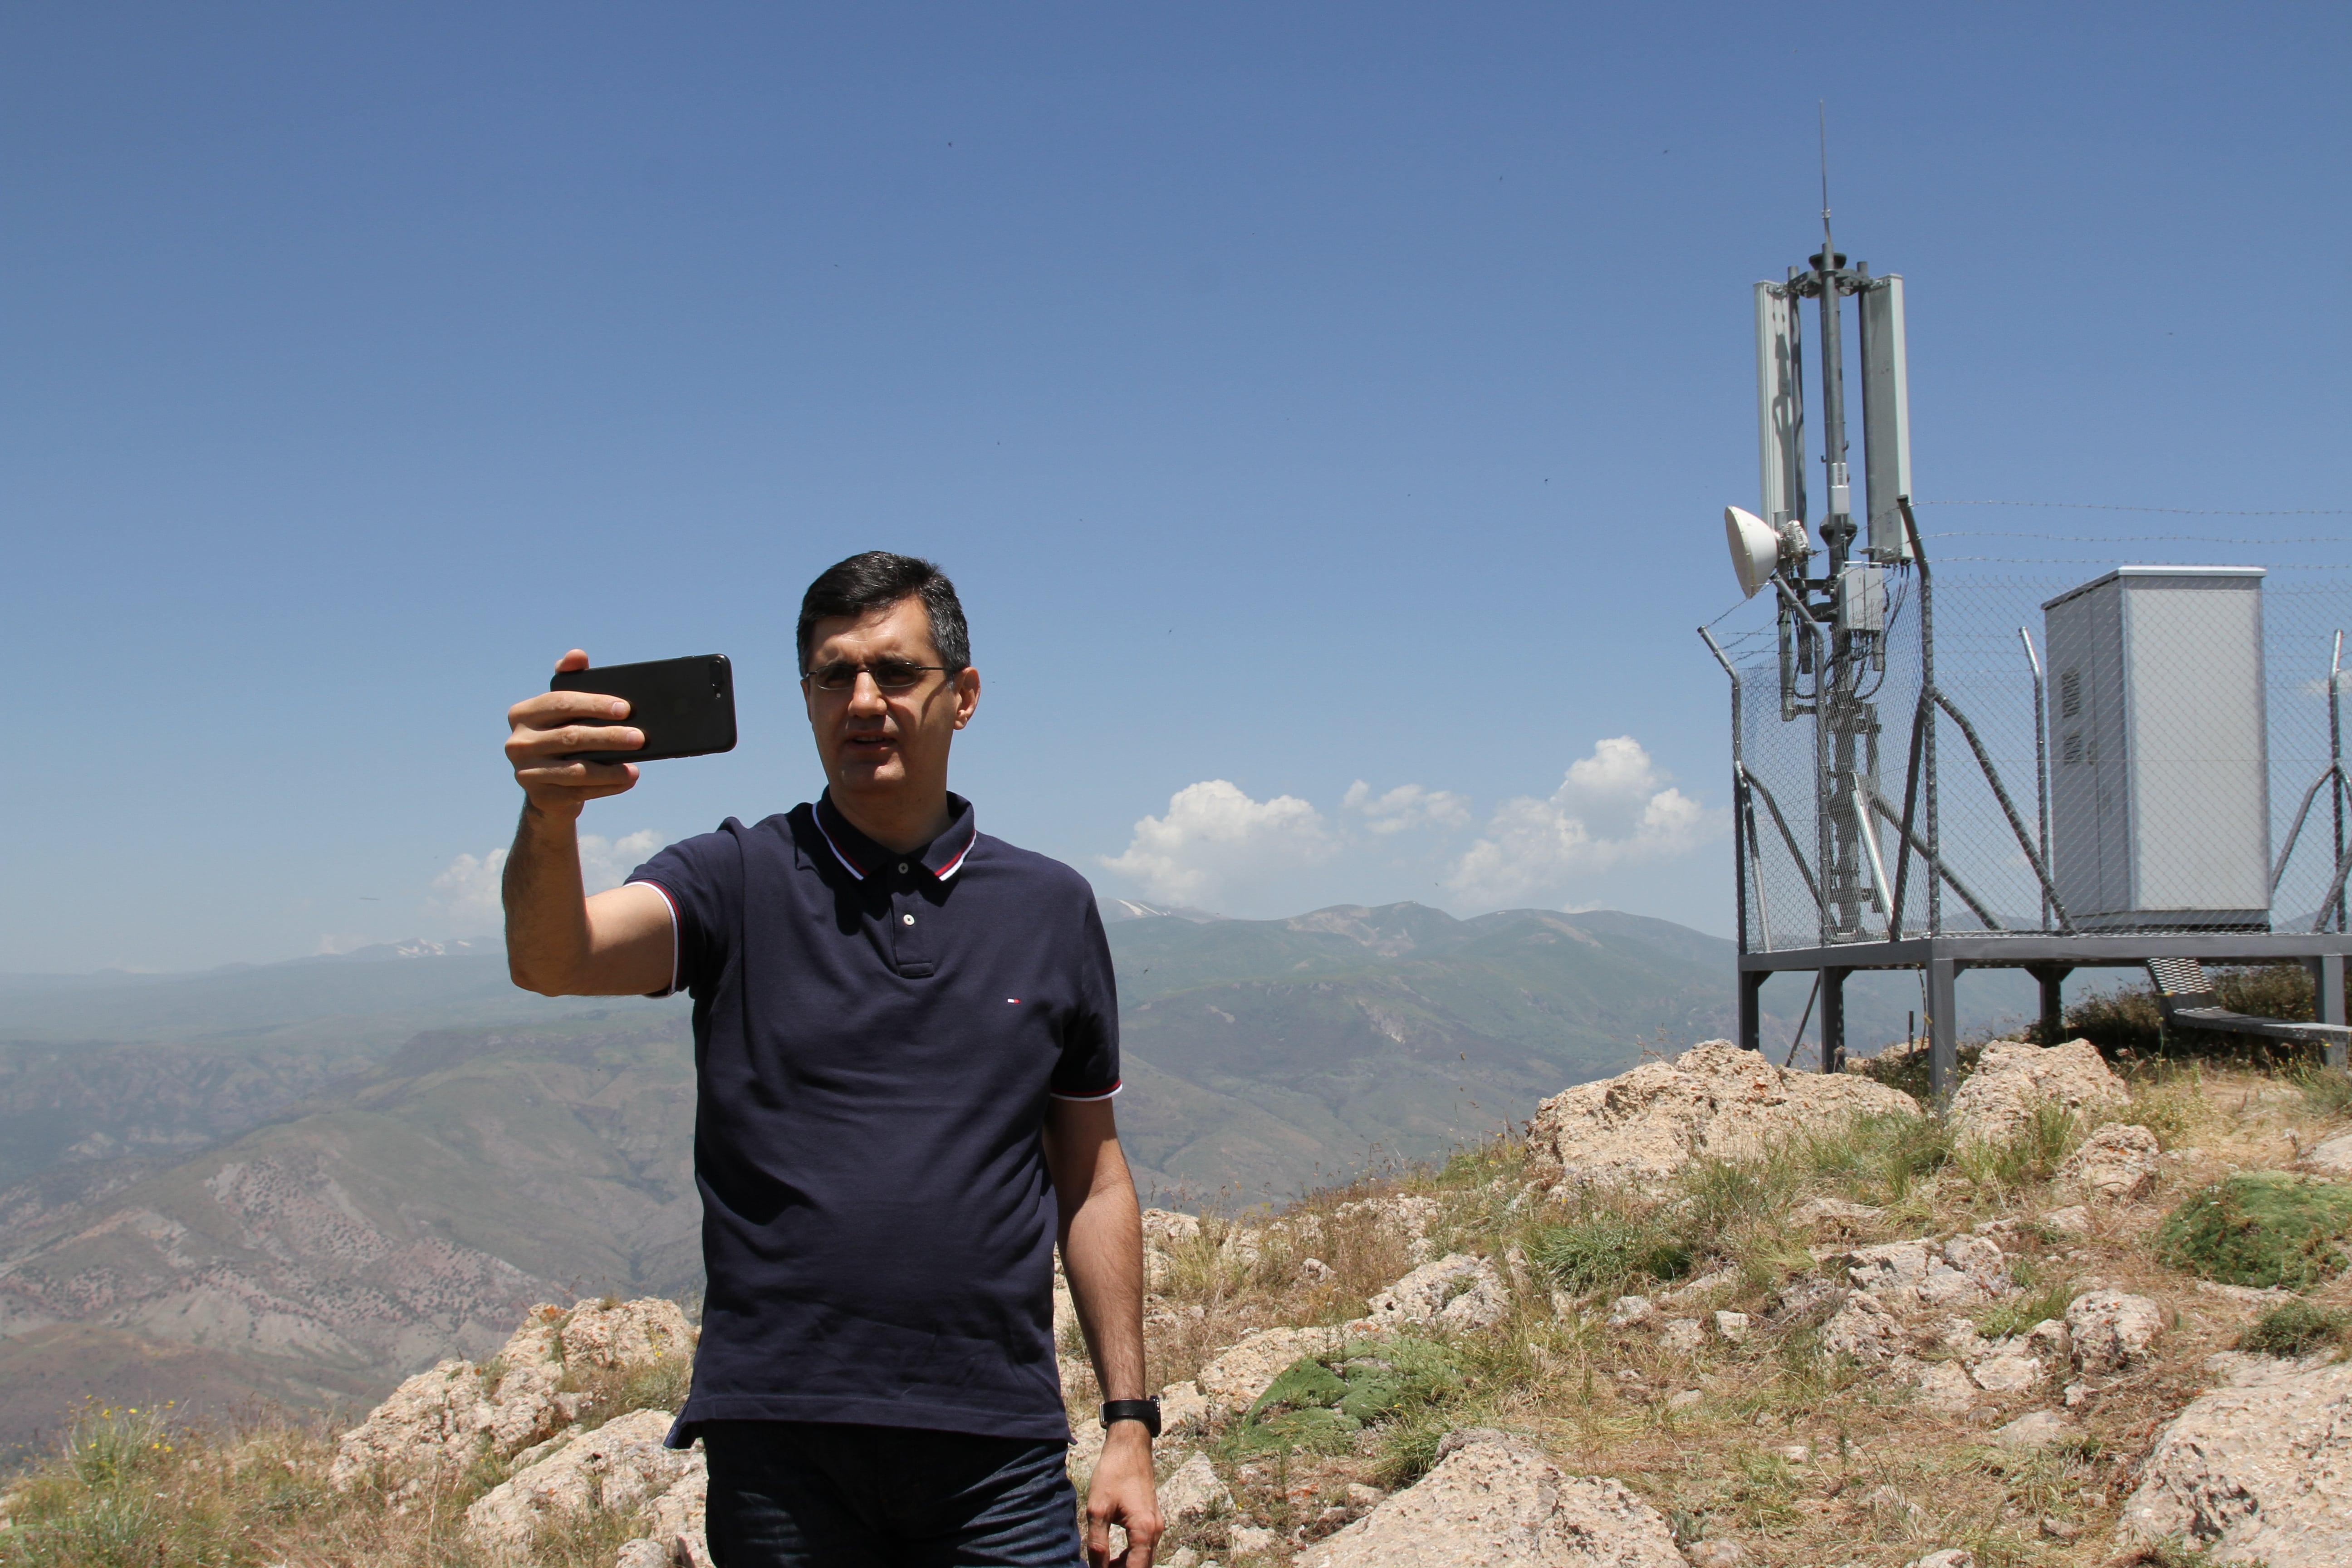 ՎիվաՍել-ՄՏՍ. բջջային կապ ու ինտերնետ «Խոսրովի անտառ» արգելոցի շուրջ 80% տարածքում